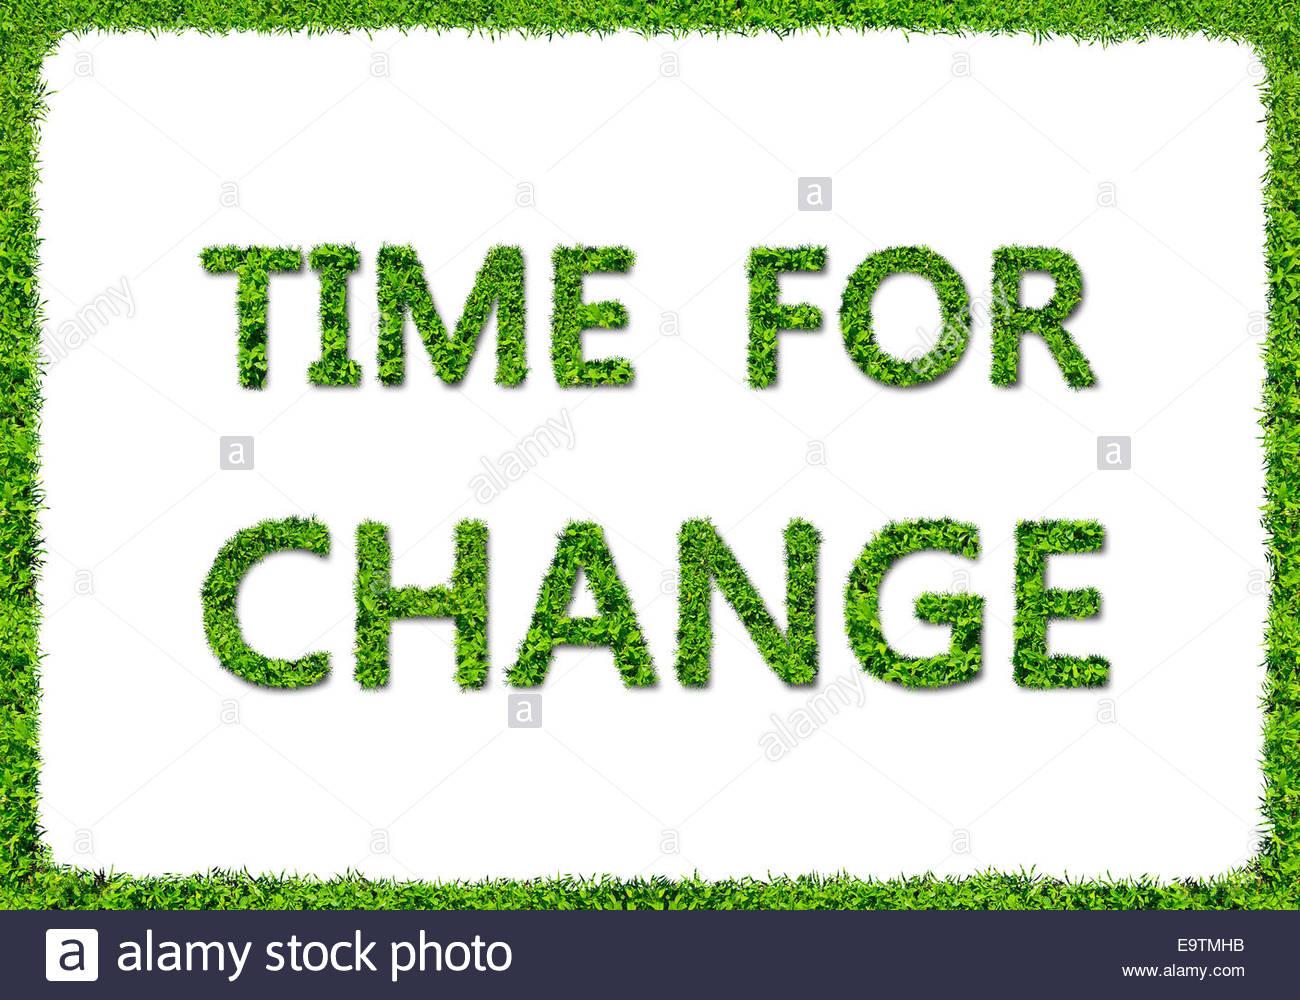 Tiempo de cambio - Concepto de hierba verde Imagen De Stock